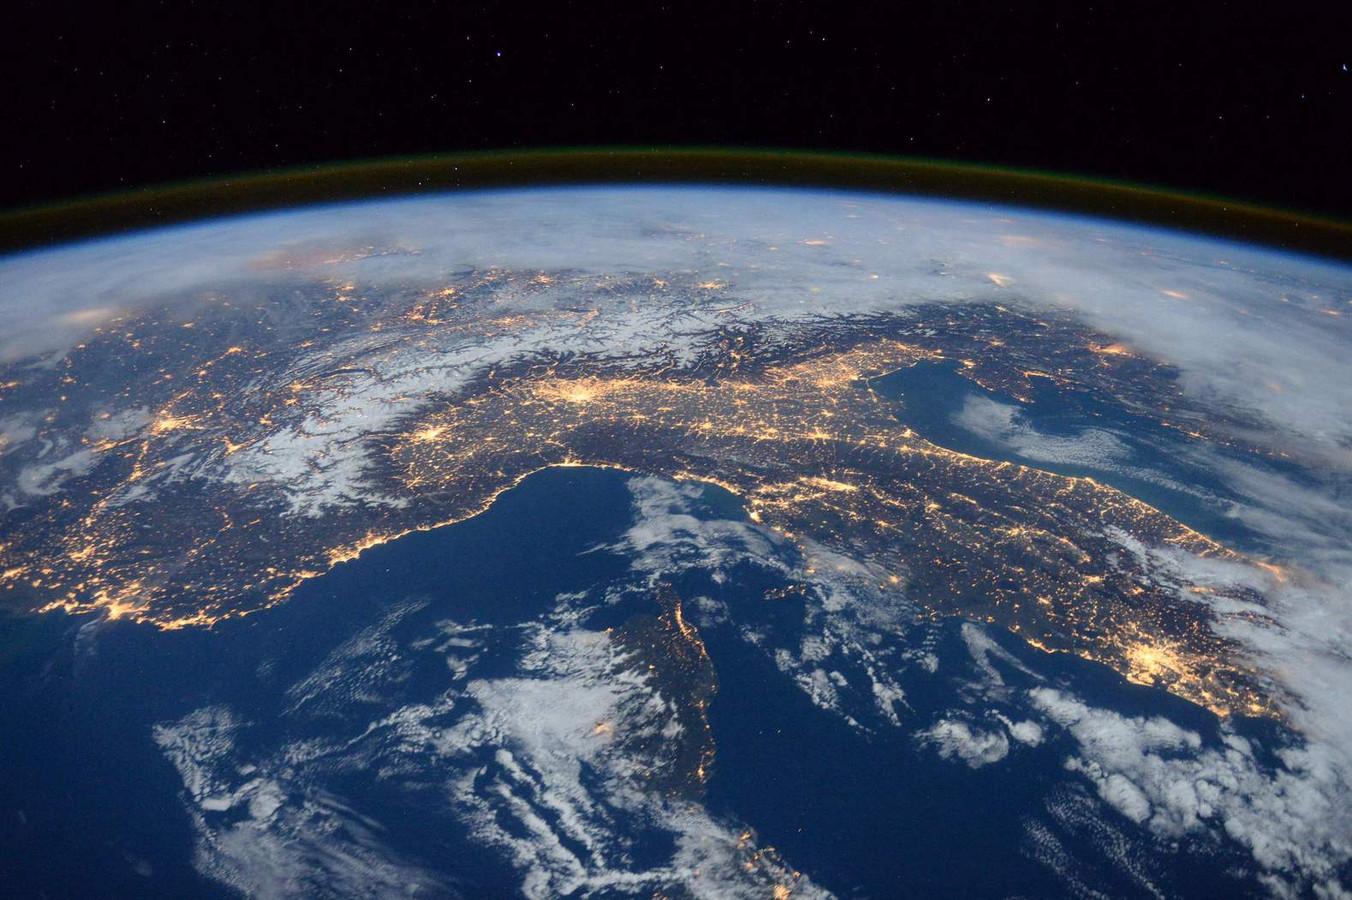 Sterren steeds minder goed te zien door lichtvervuiling foto - Thuis kussens van de wereld ...